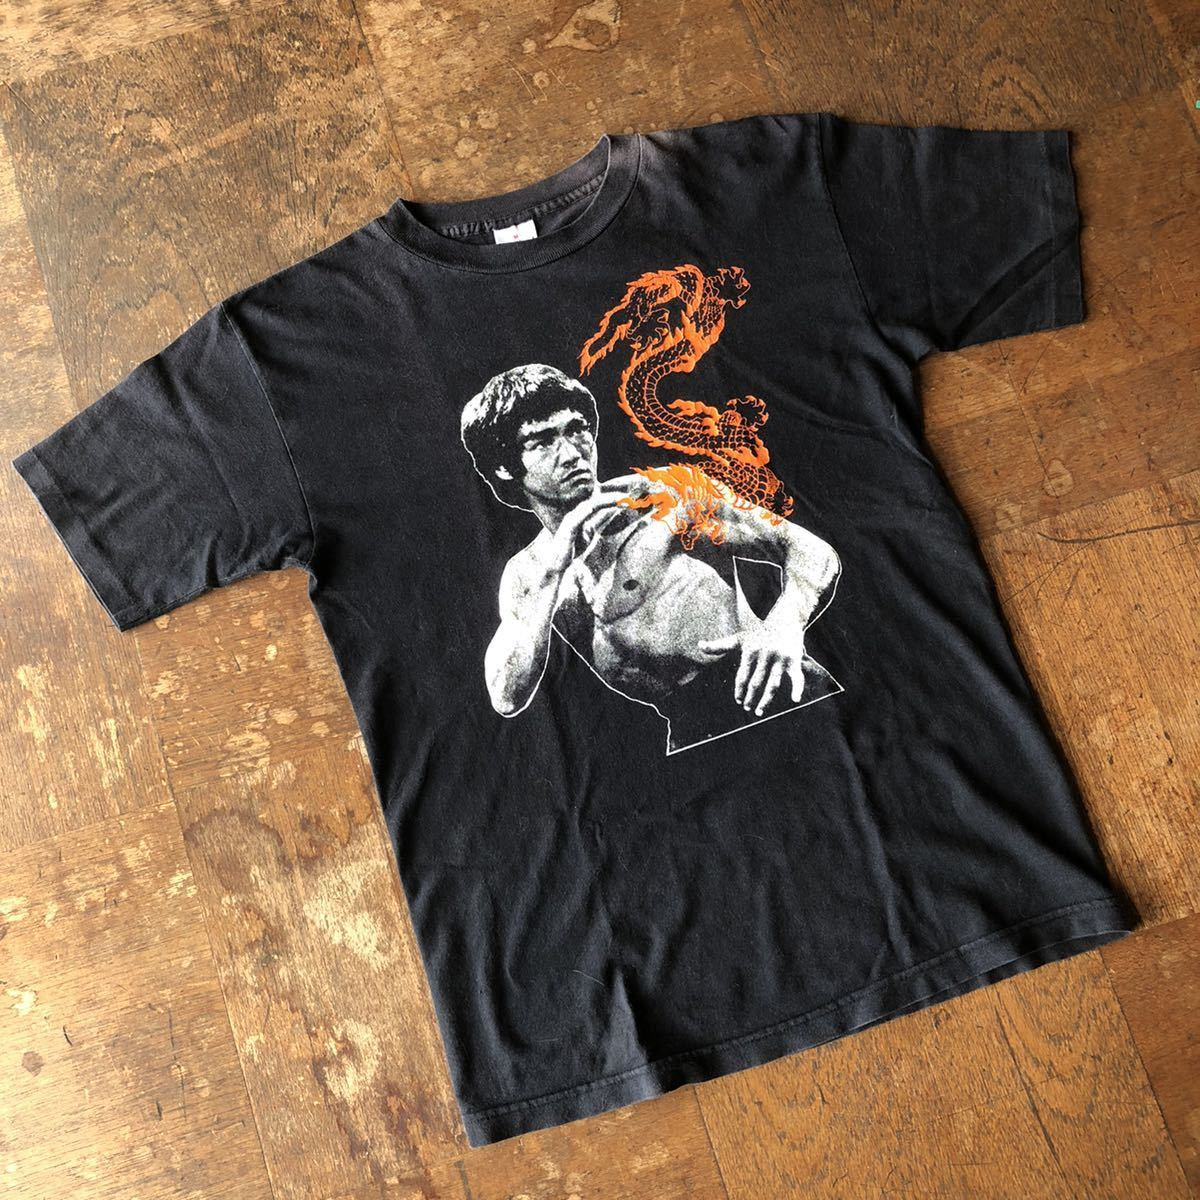 90s USA製 ビンテージ ブルース・リー Tシャツ / stussy ステューシー 黒タグ 初期 supreme リバース チャンピオン 70s 80s 90s 映画T _画像2